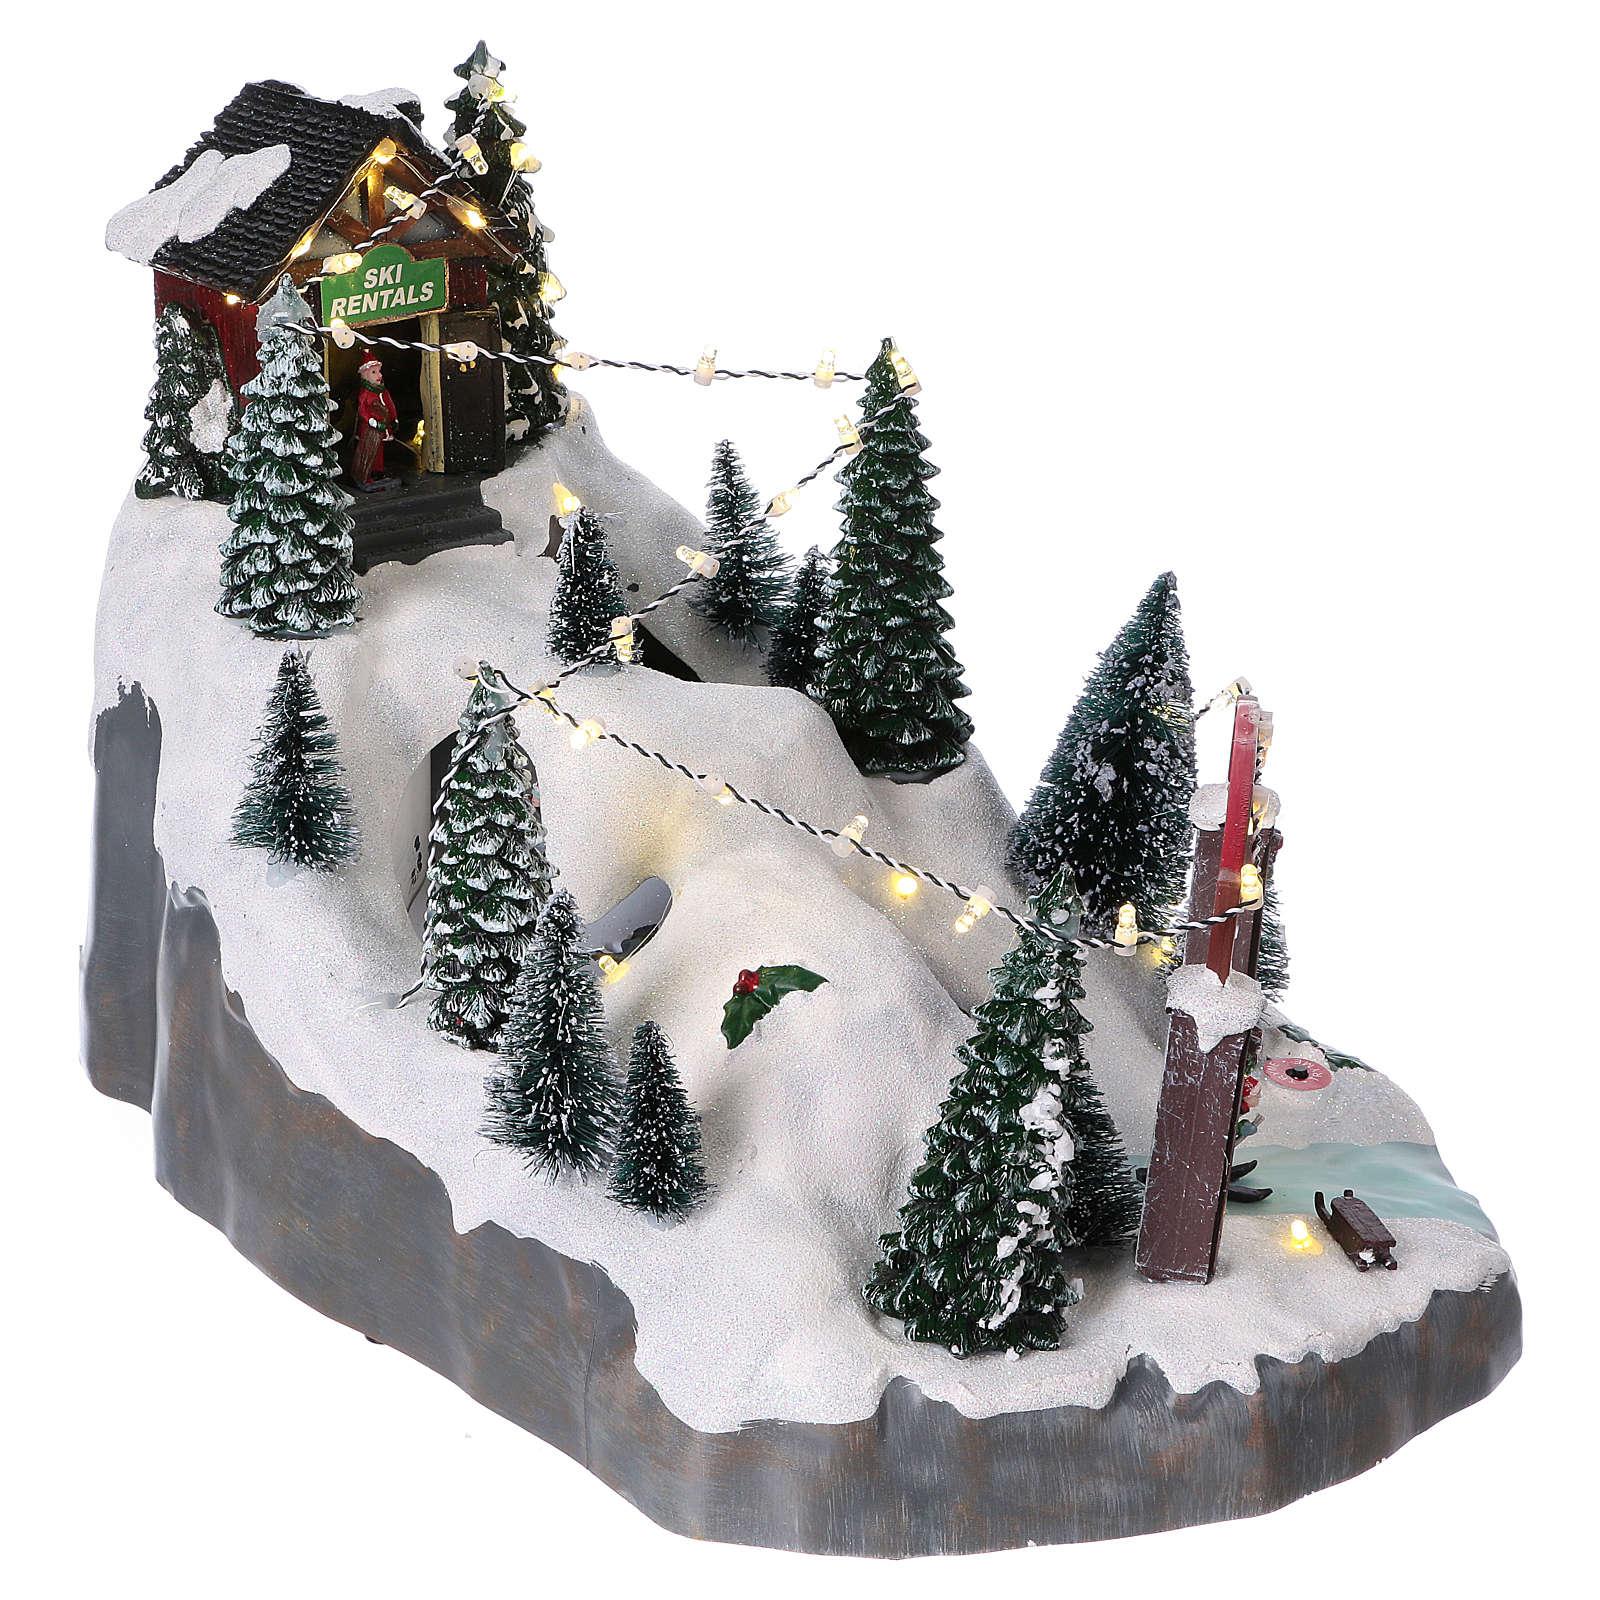 Villaggio natalizio 25x25x35 cm con sciatori movimento batteria e corrente 3